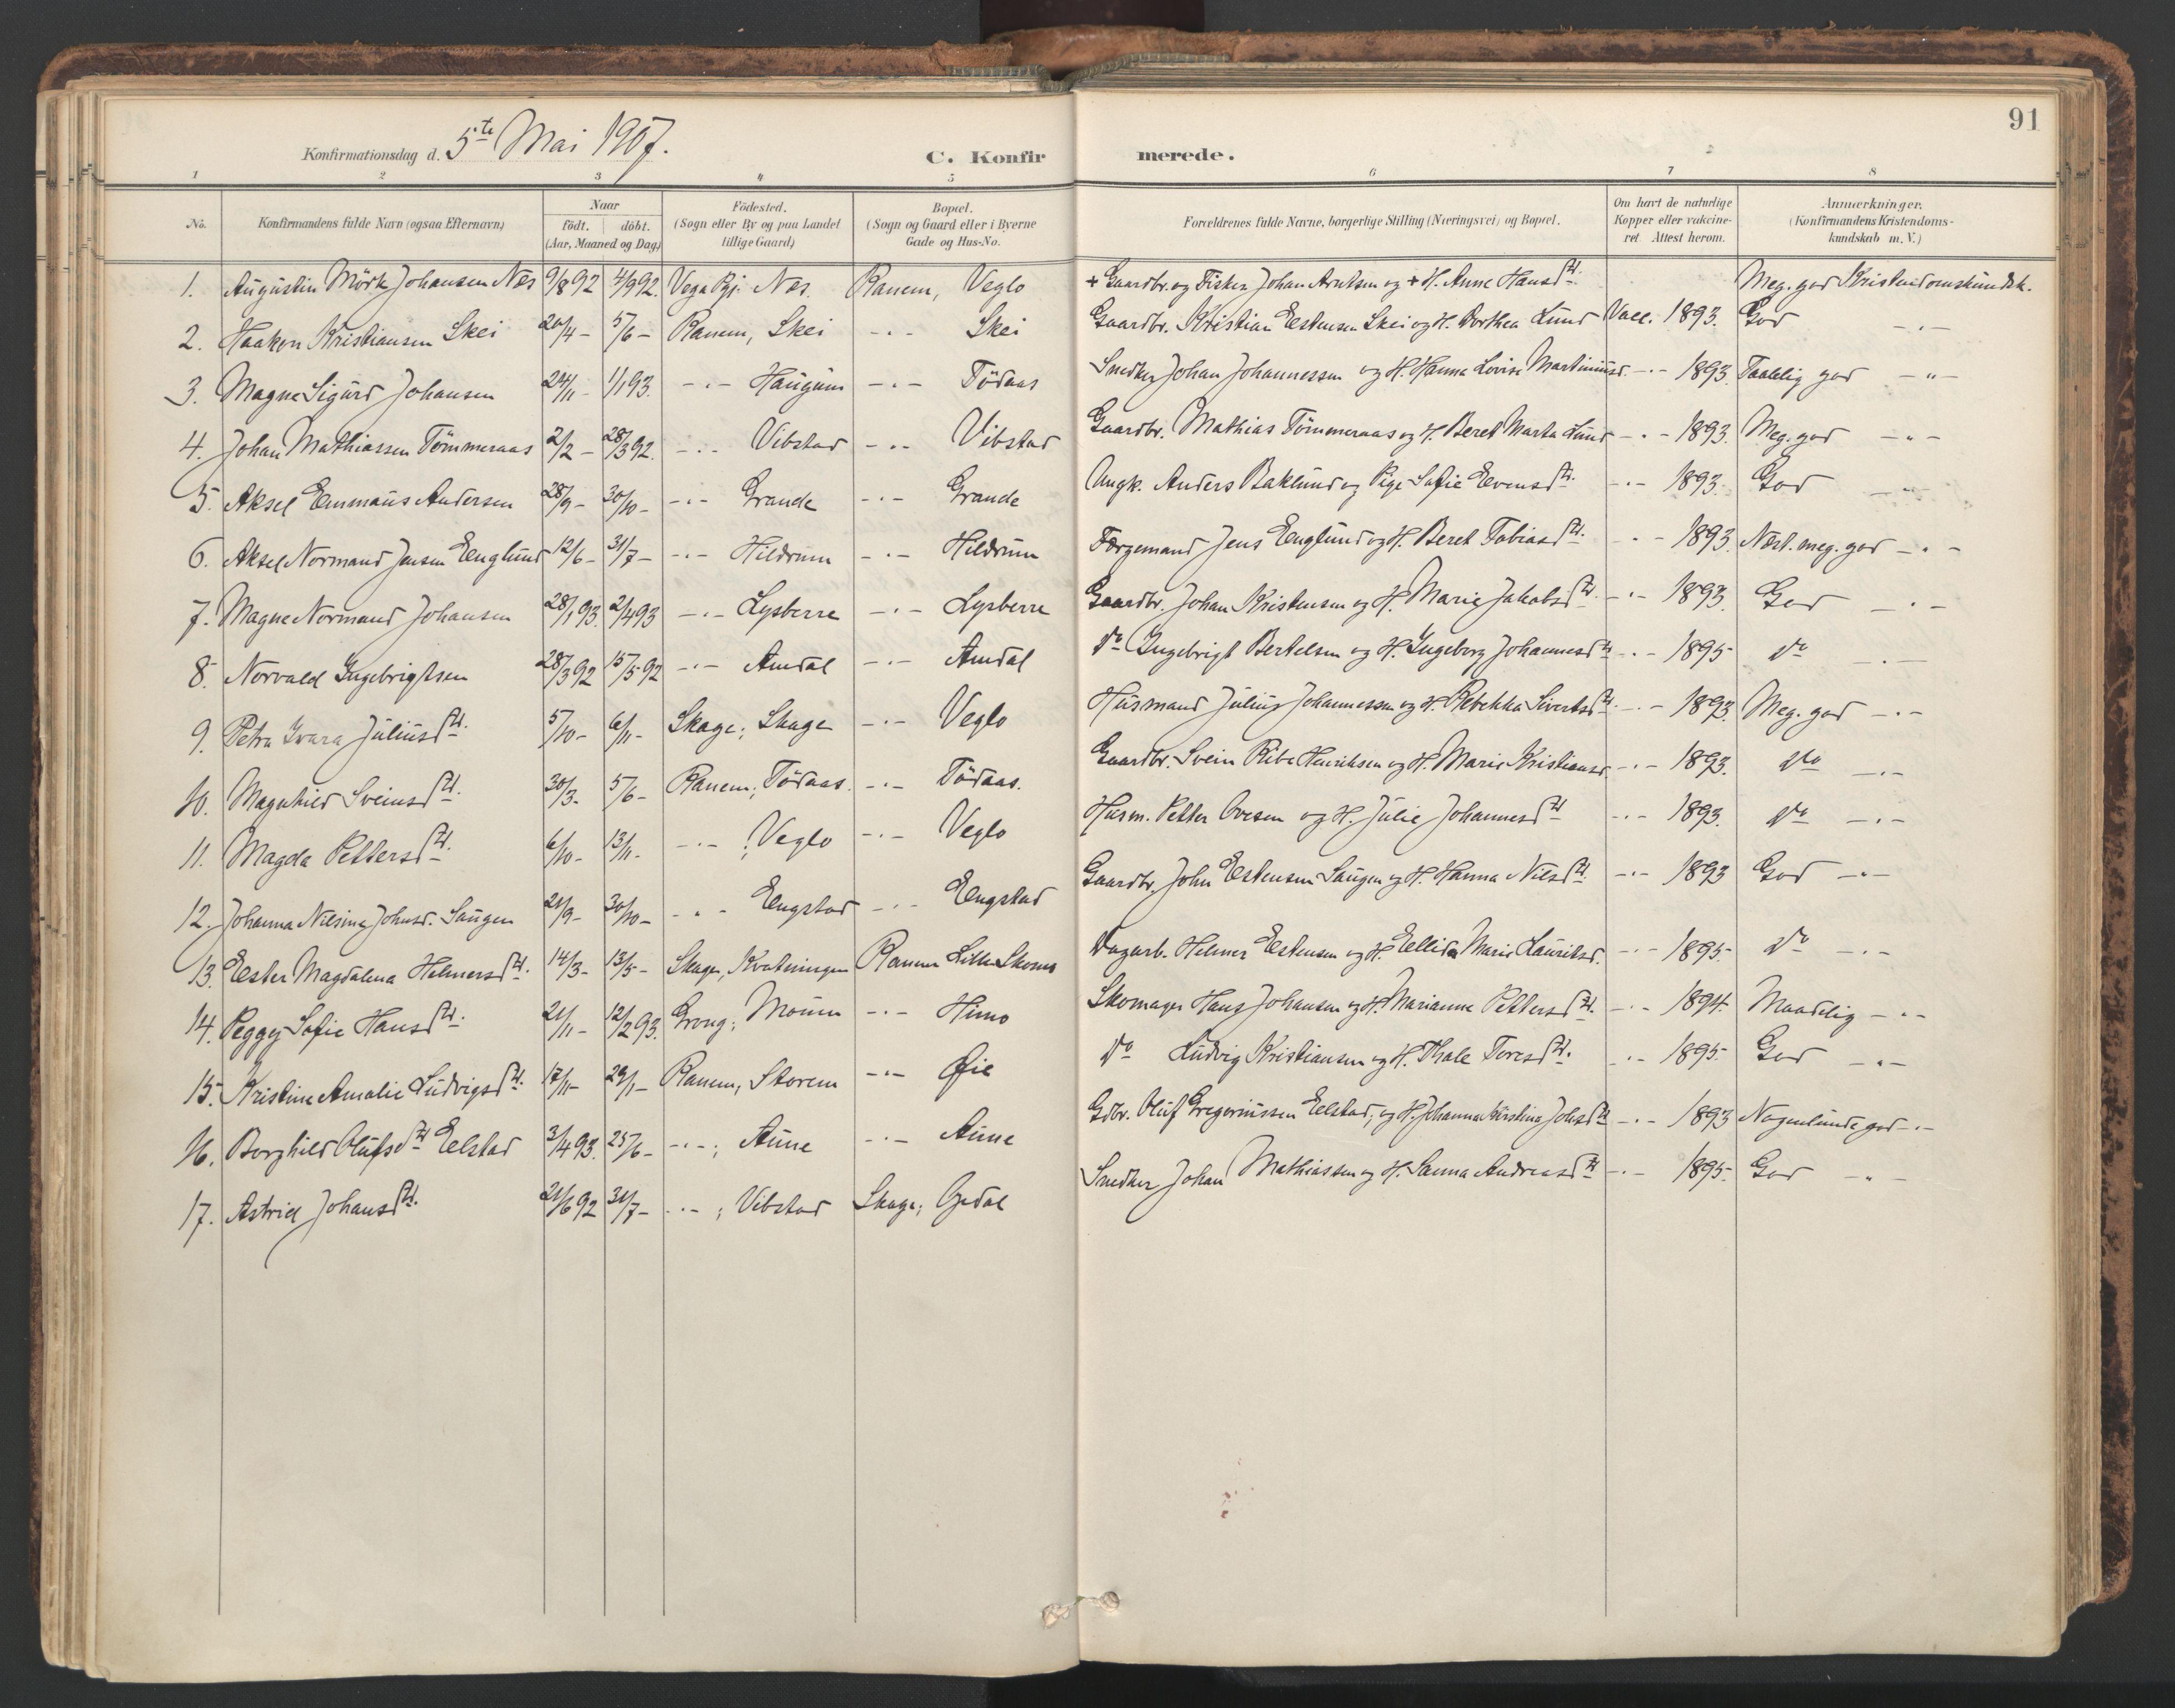 SAT, Ministerialprotokoller, klokkerbøker og fødselsregistre - Nord-Trøndelag, 764/L0556: Ministerialbok nr. 764A11, 1897-1924, s. 91